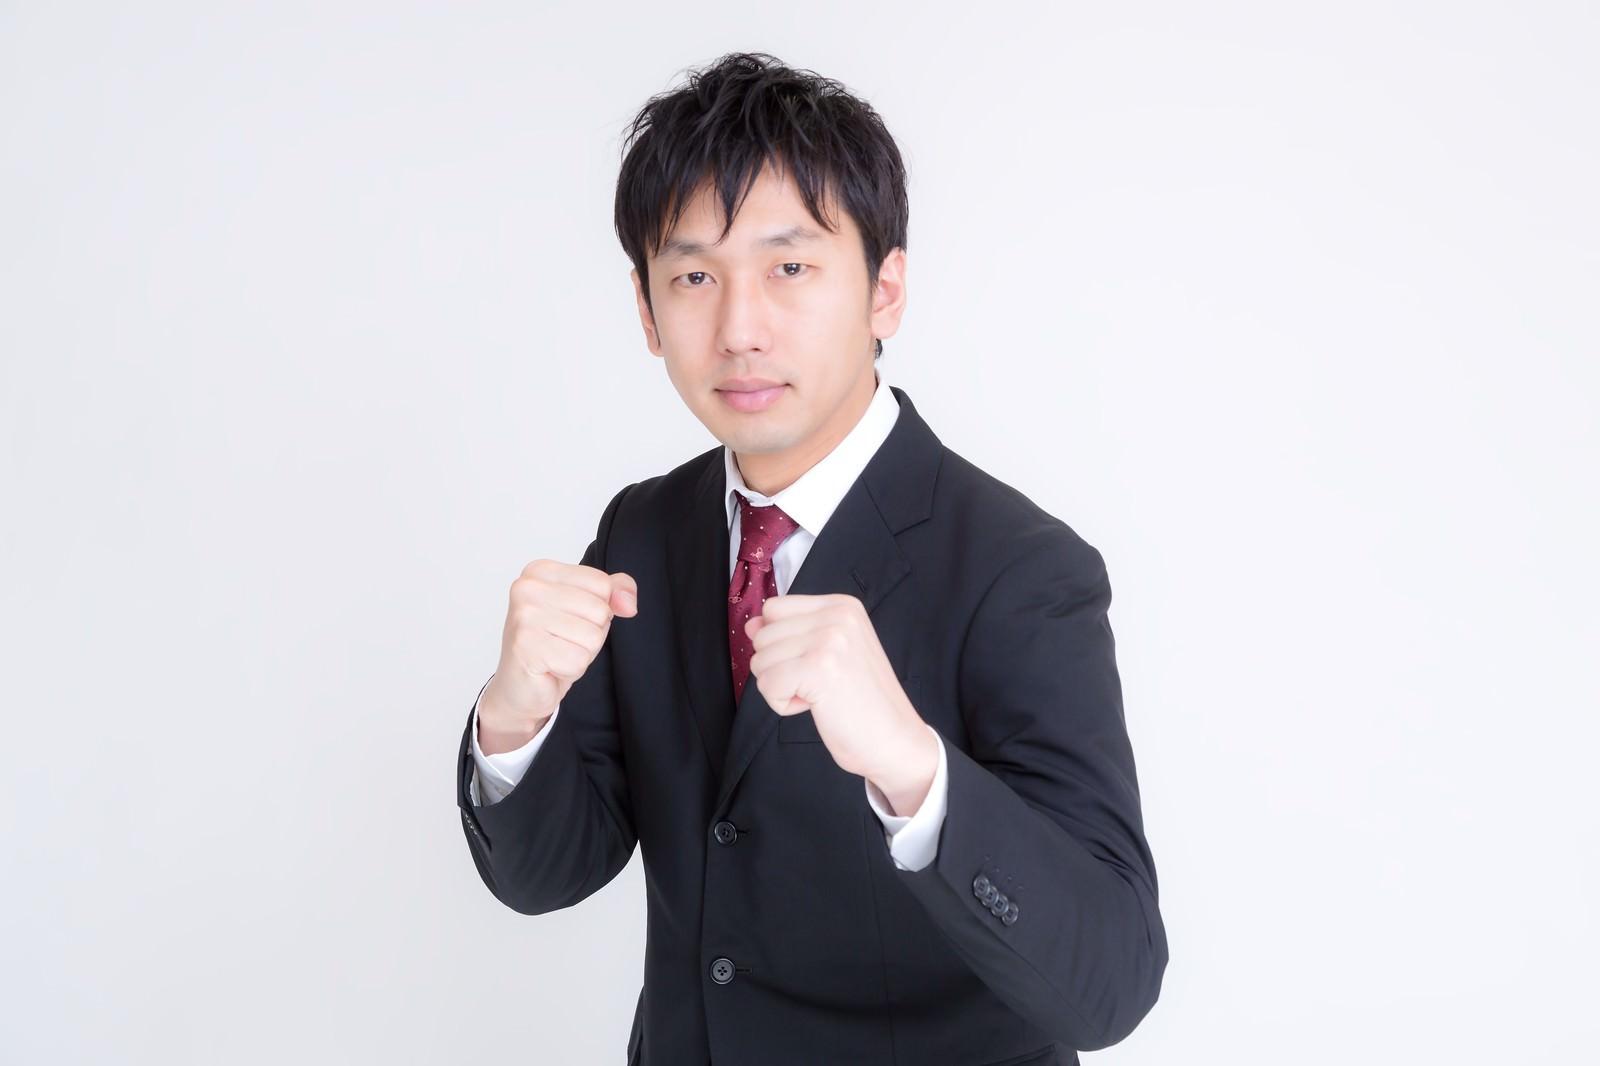 「ファイティングポーズをとるサラリーマン」の写真[モデル:大川竜弥]